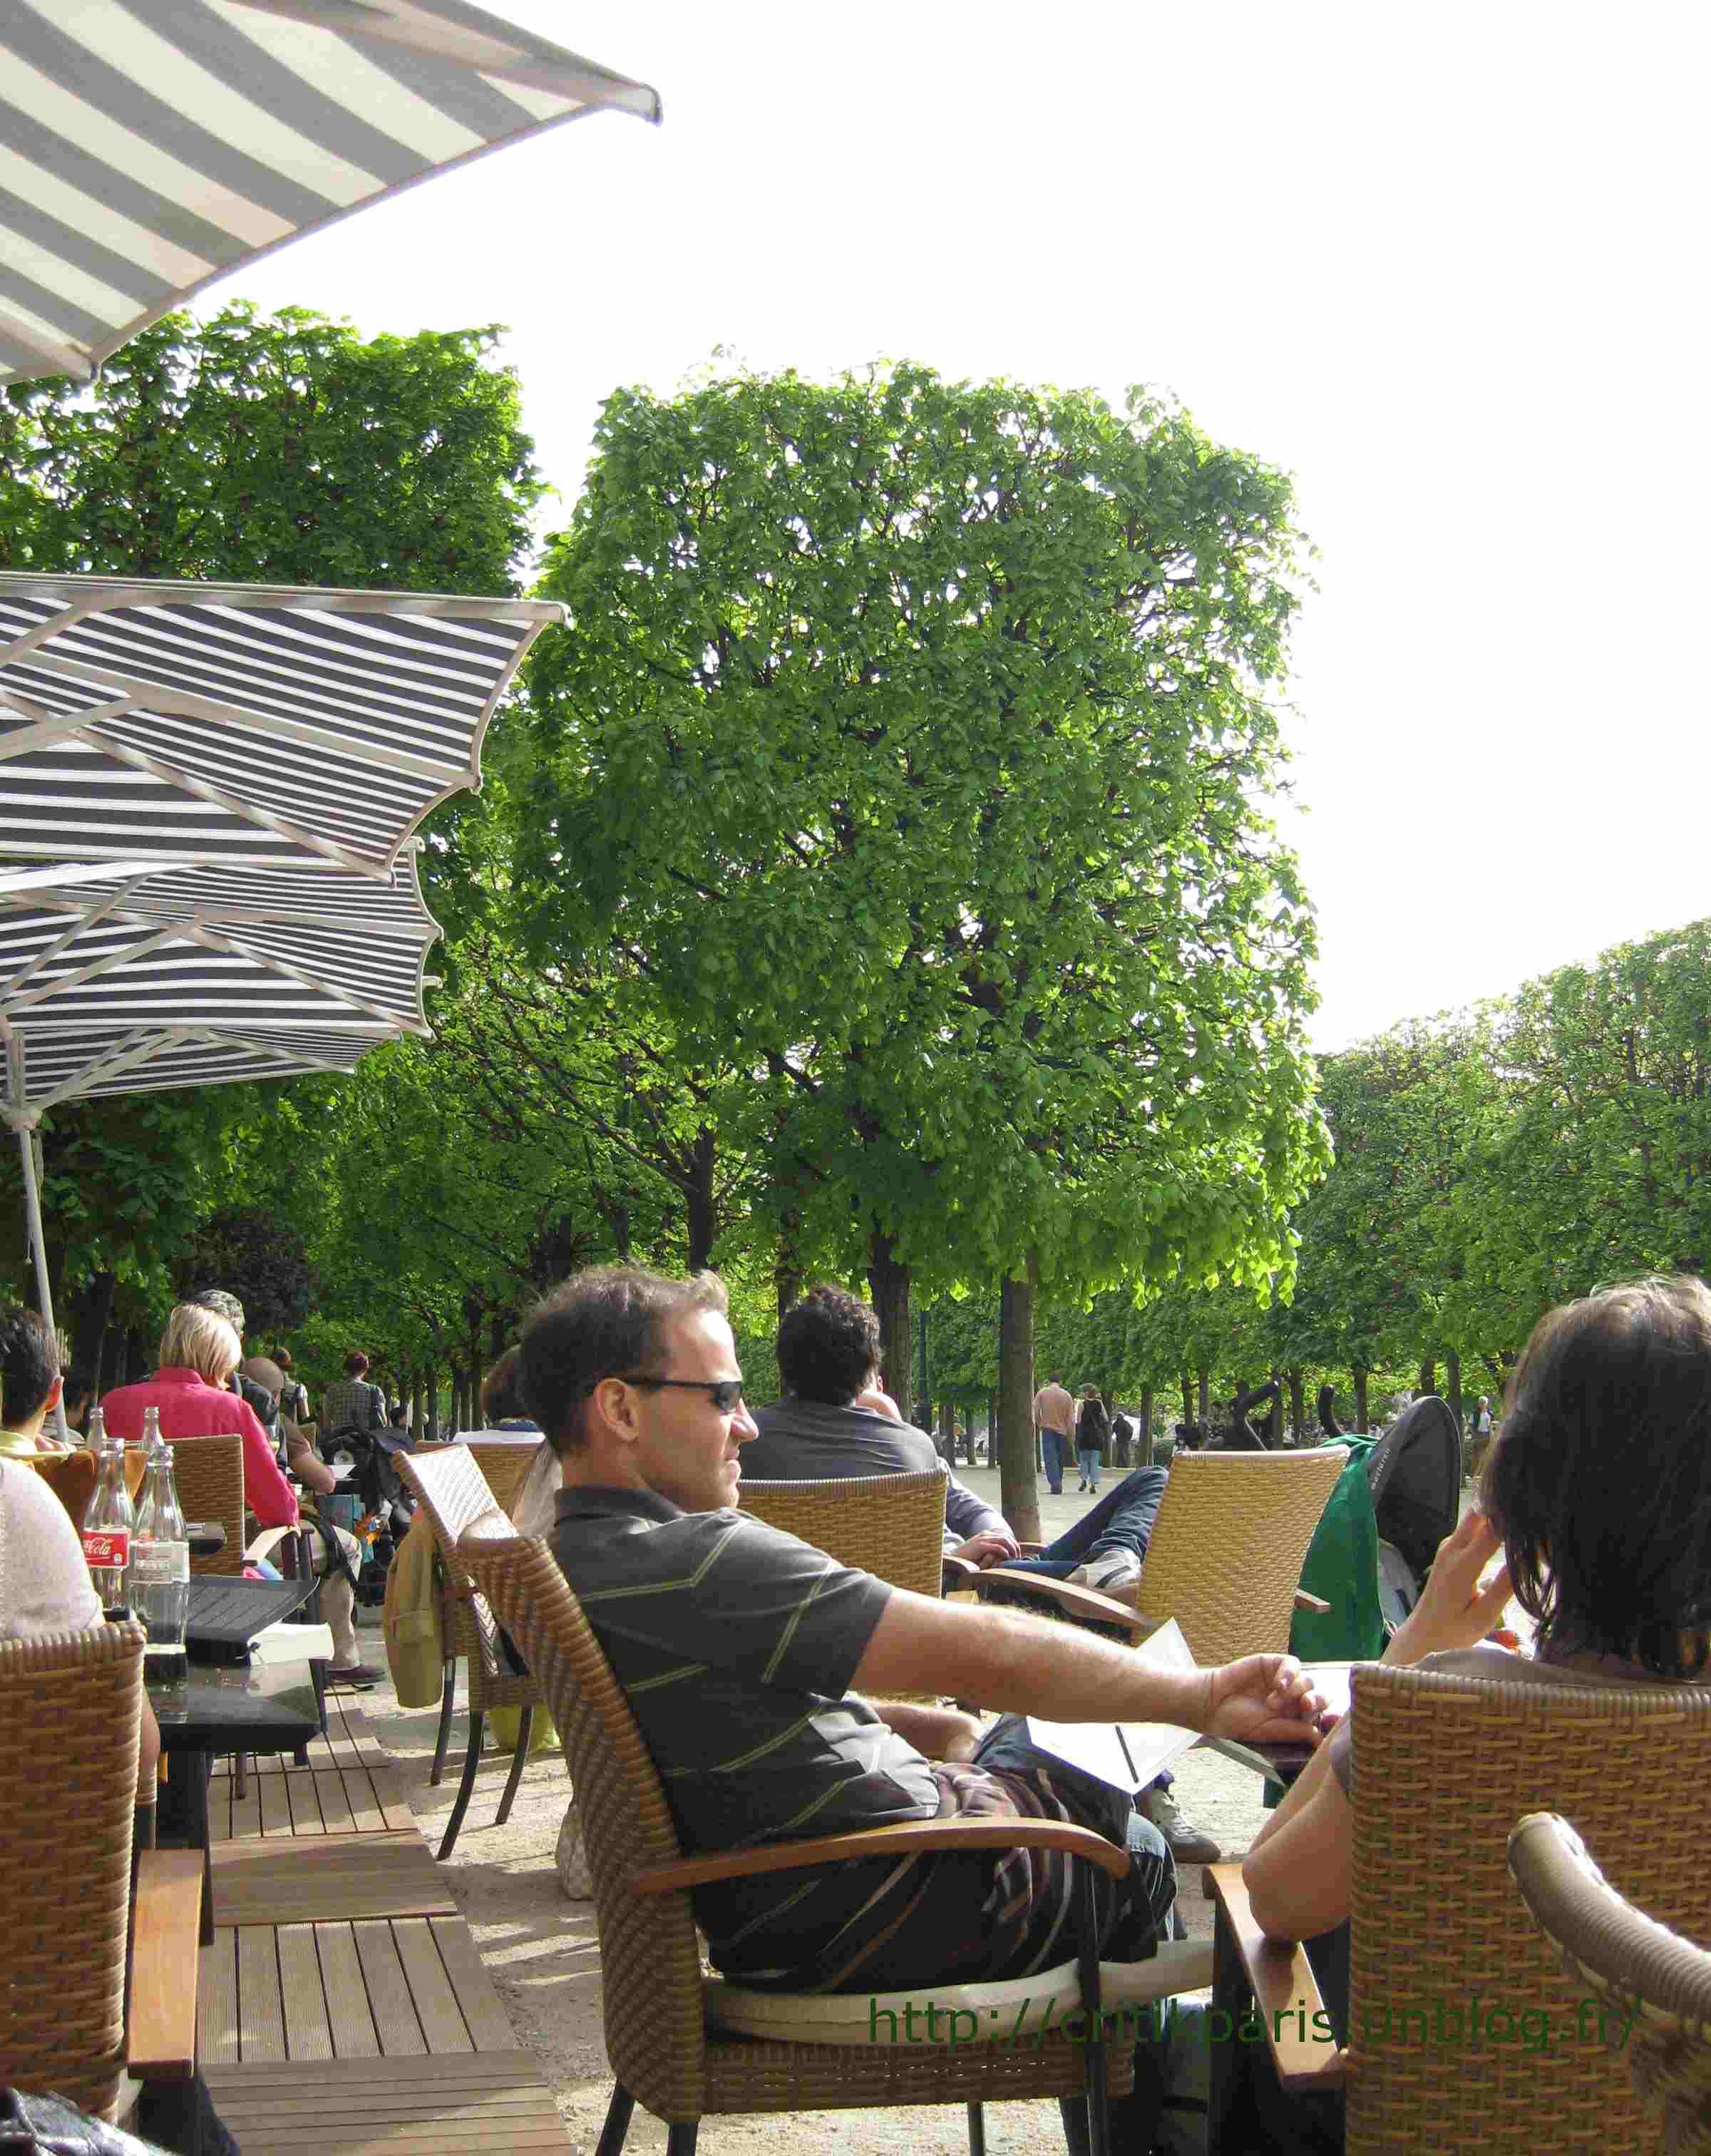 Restaurant avec jardin toulouse for Restaurant avec jardin paris